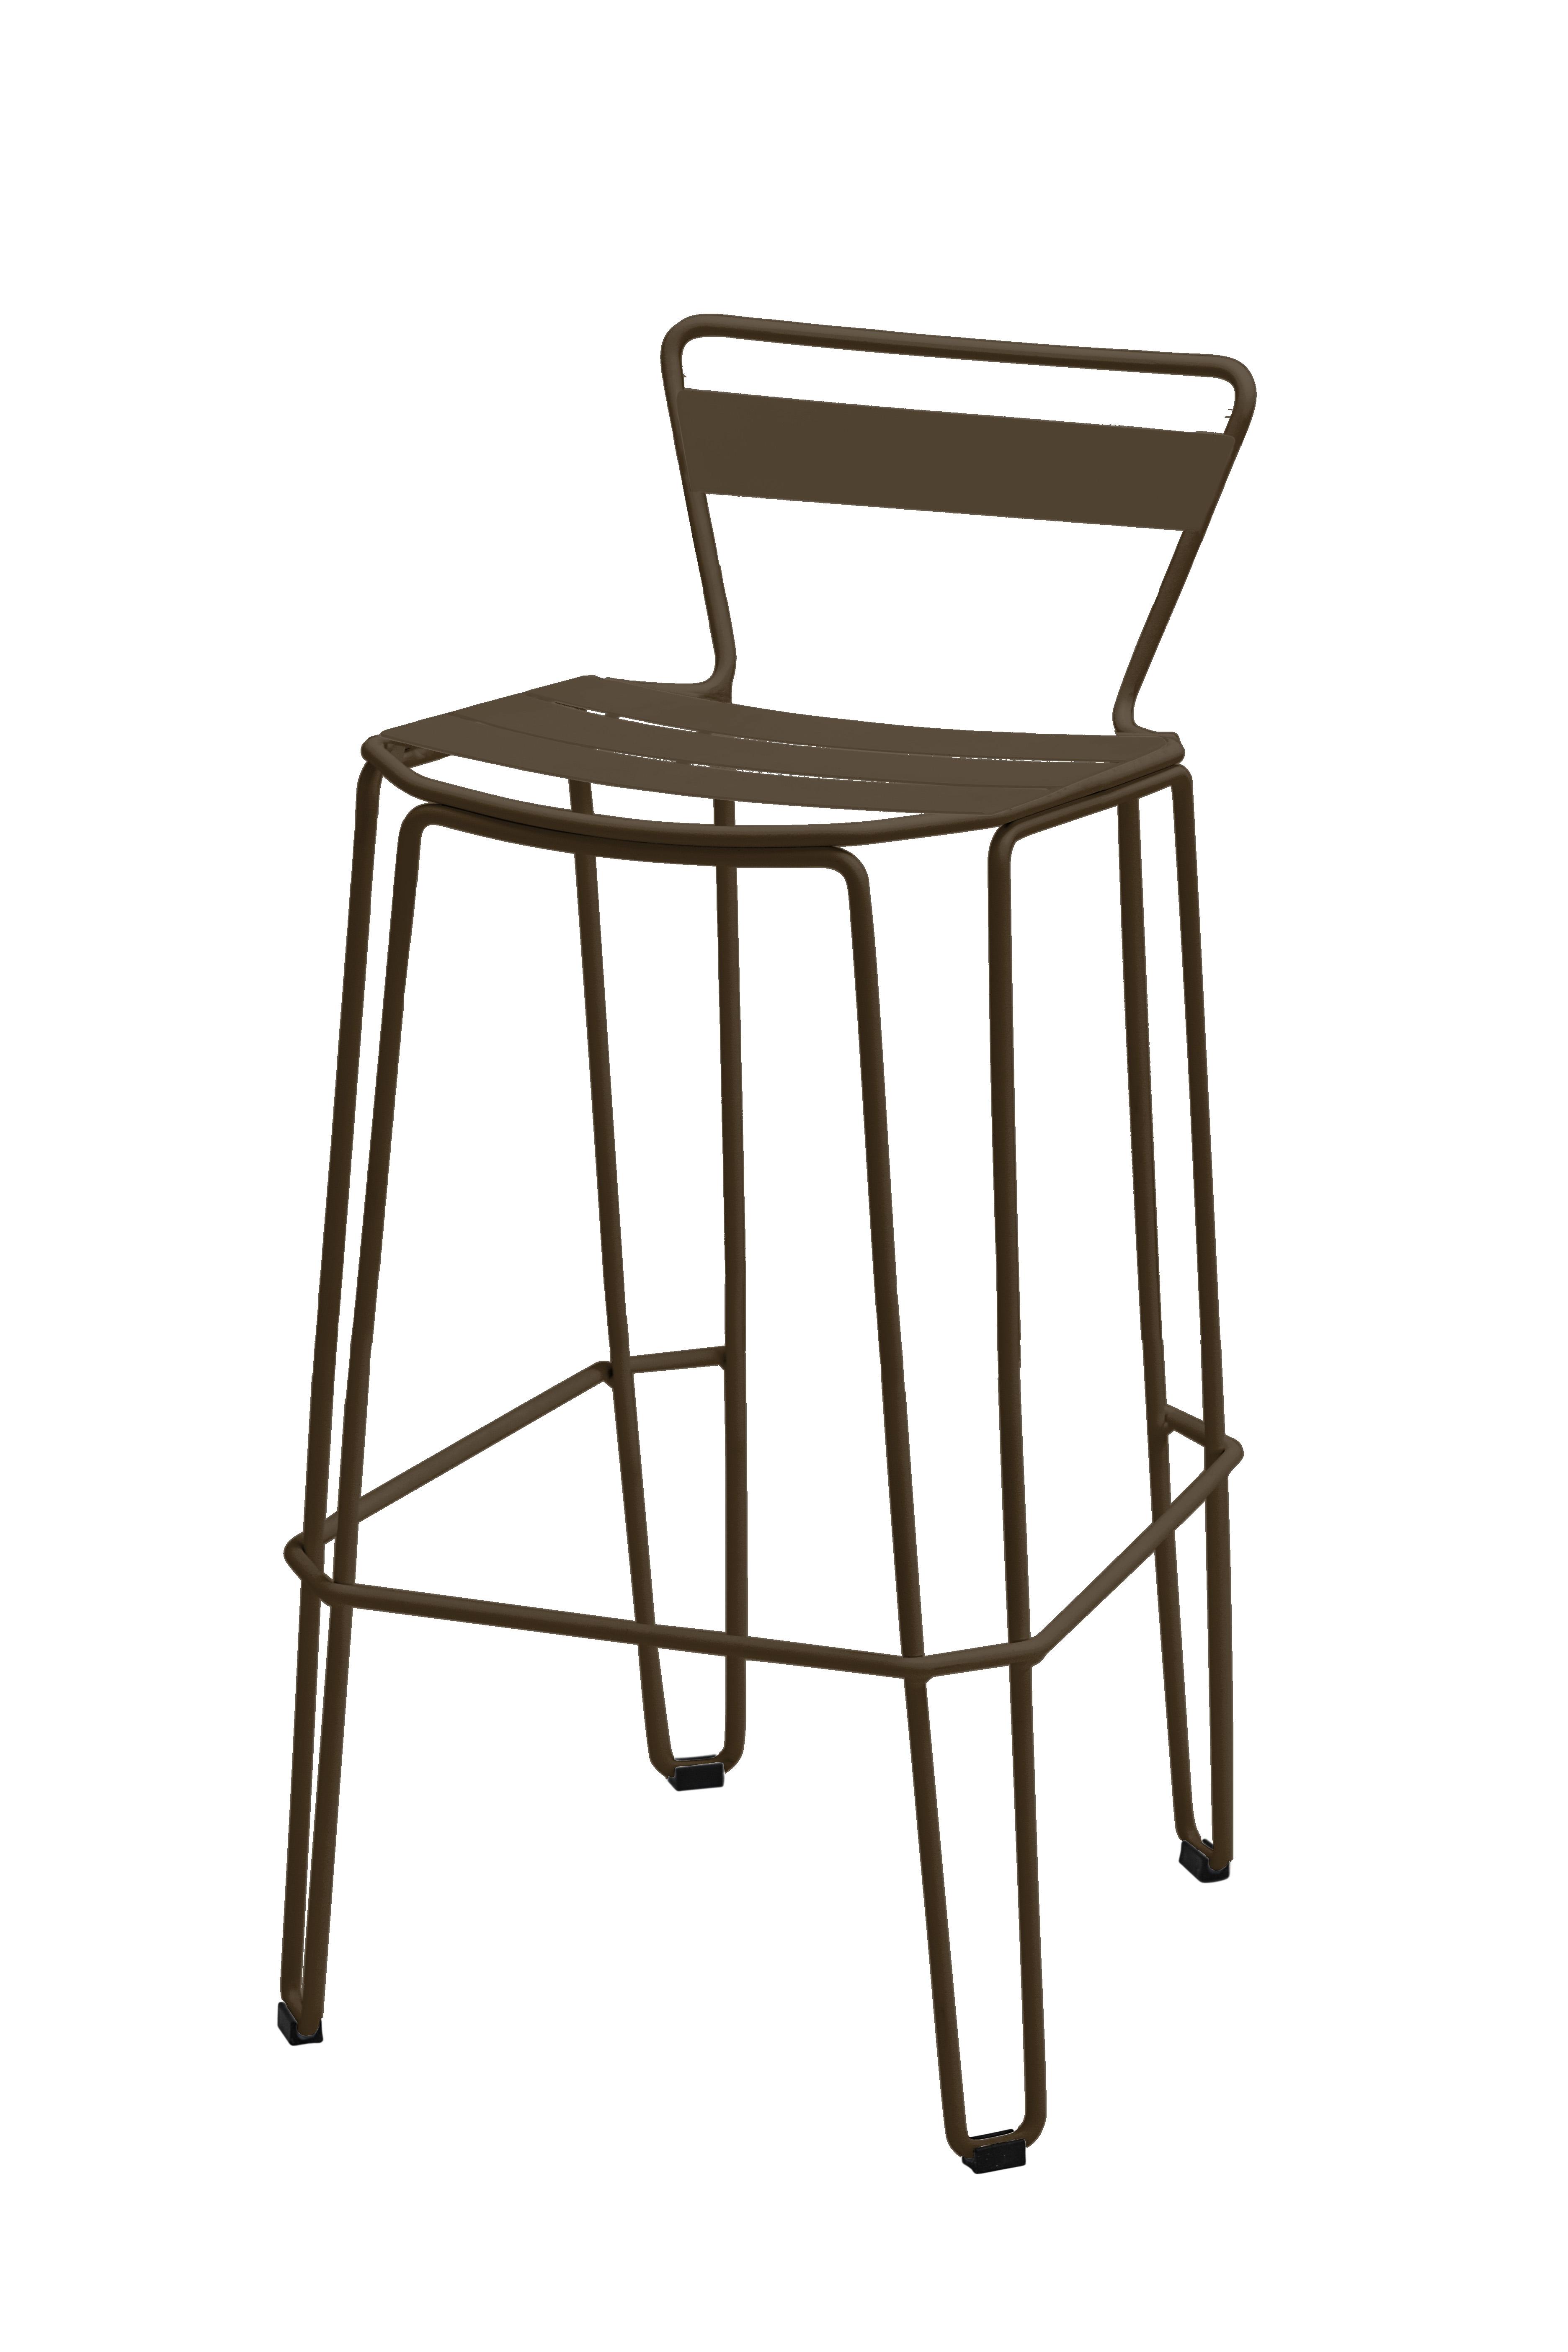 MALLORCA - Chaise haute en acier gris taupe